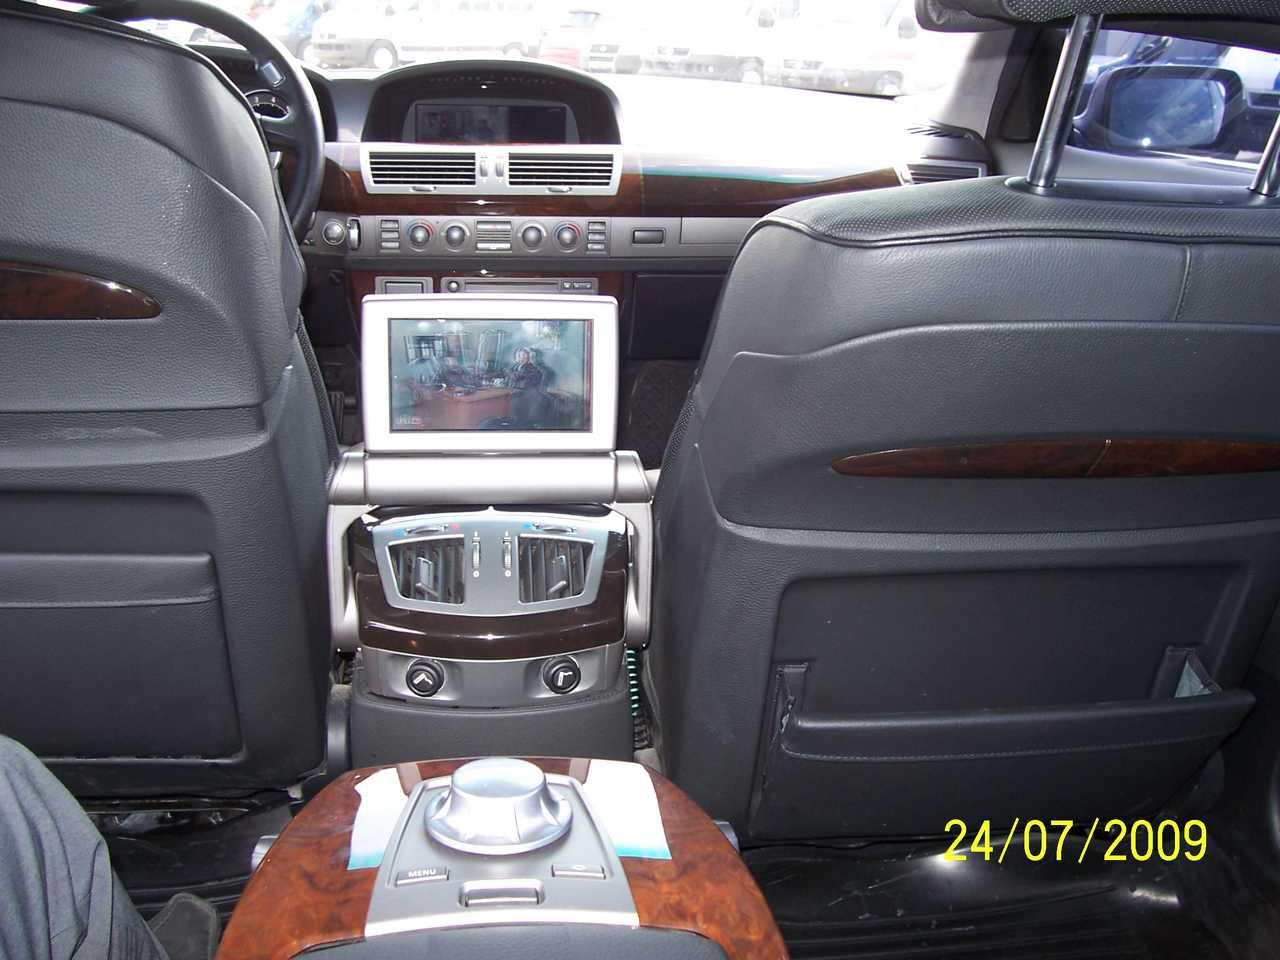 Used BMW Series Photos Cc Gasoline FR Or RR - 2004 bmw 750i